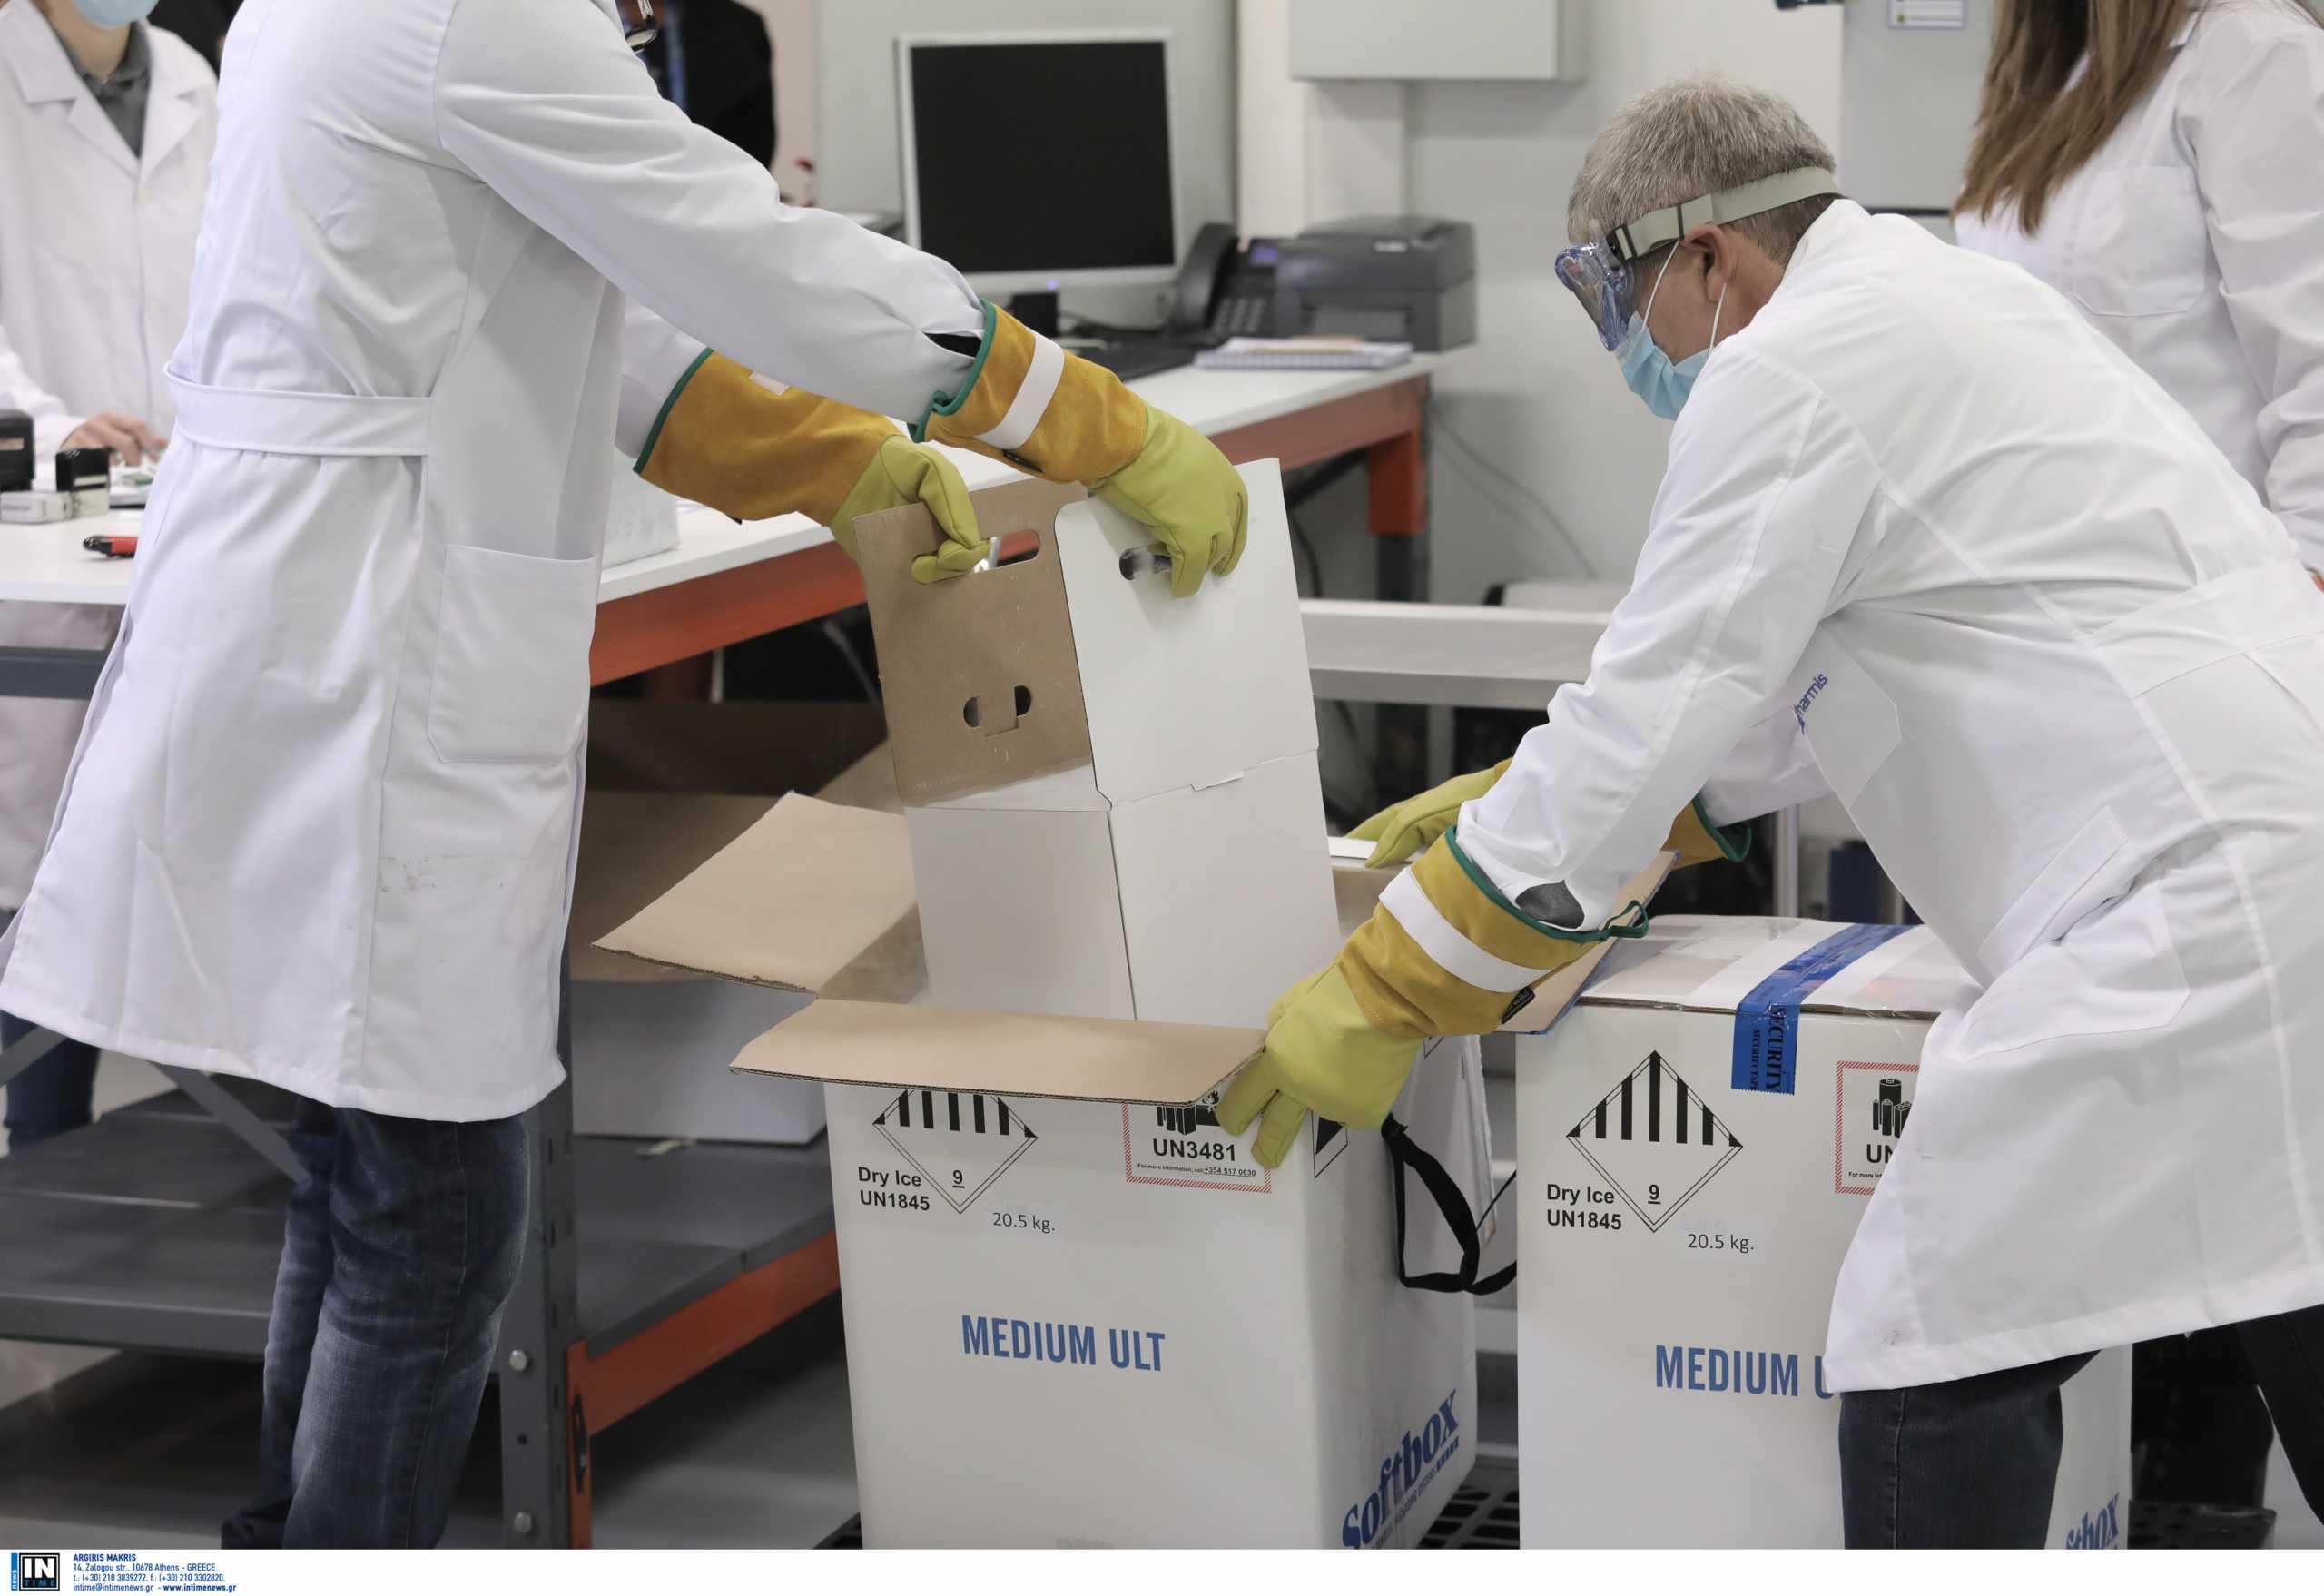 Τώρα τρέχουμε: Η ΕΕ αναζητά άλλα 100 εκατομμύρια δόσεις του εμβολίου των Pfizer/BioNTech